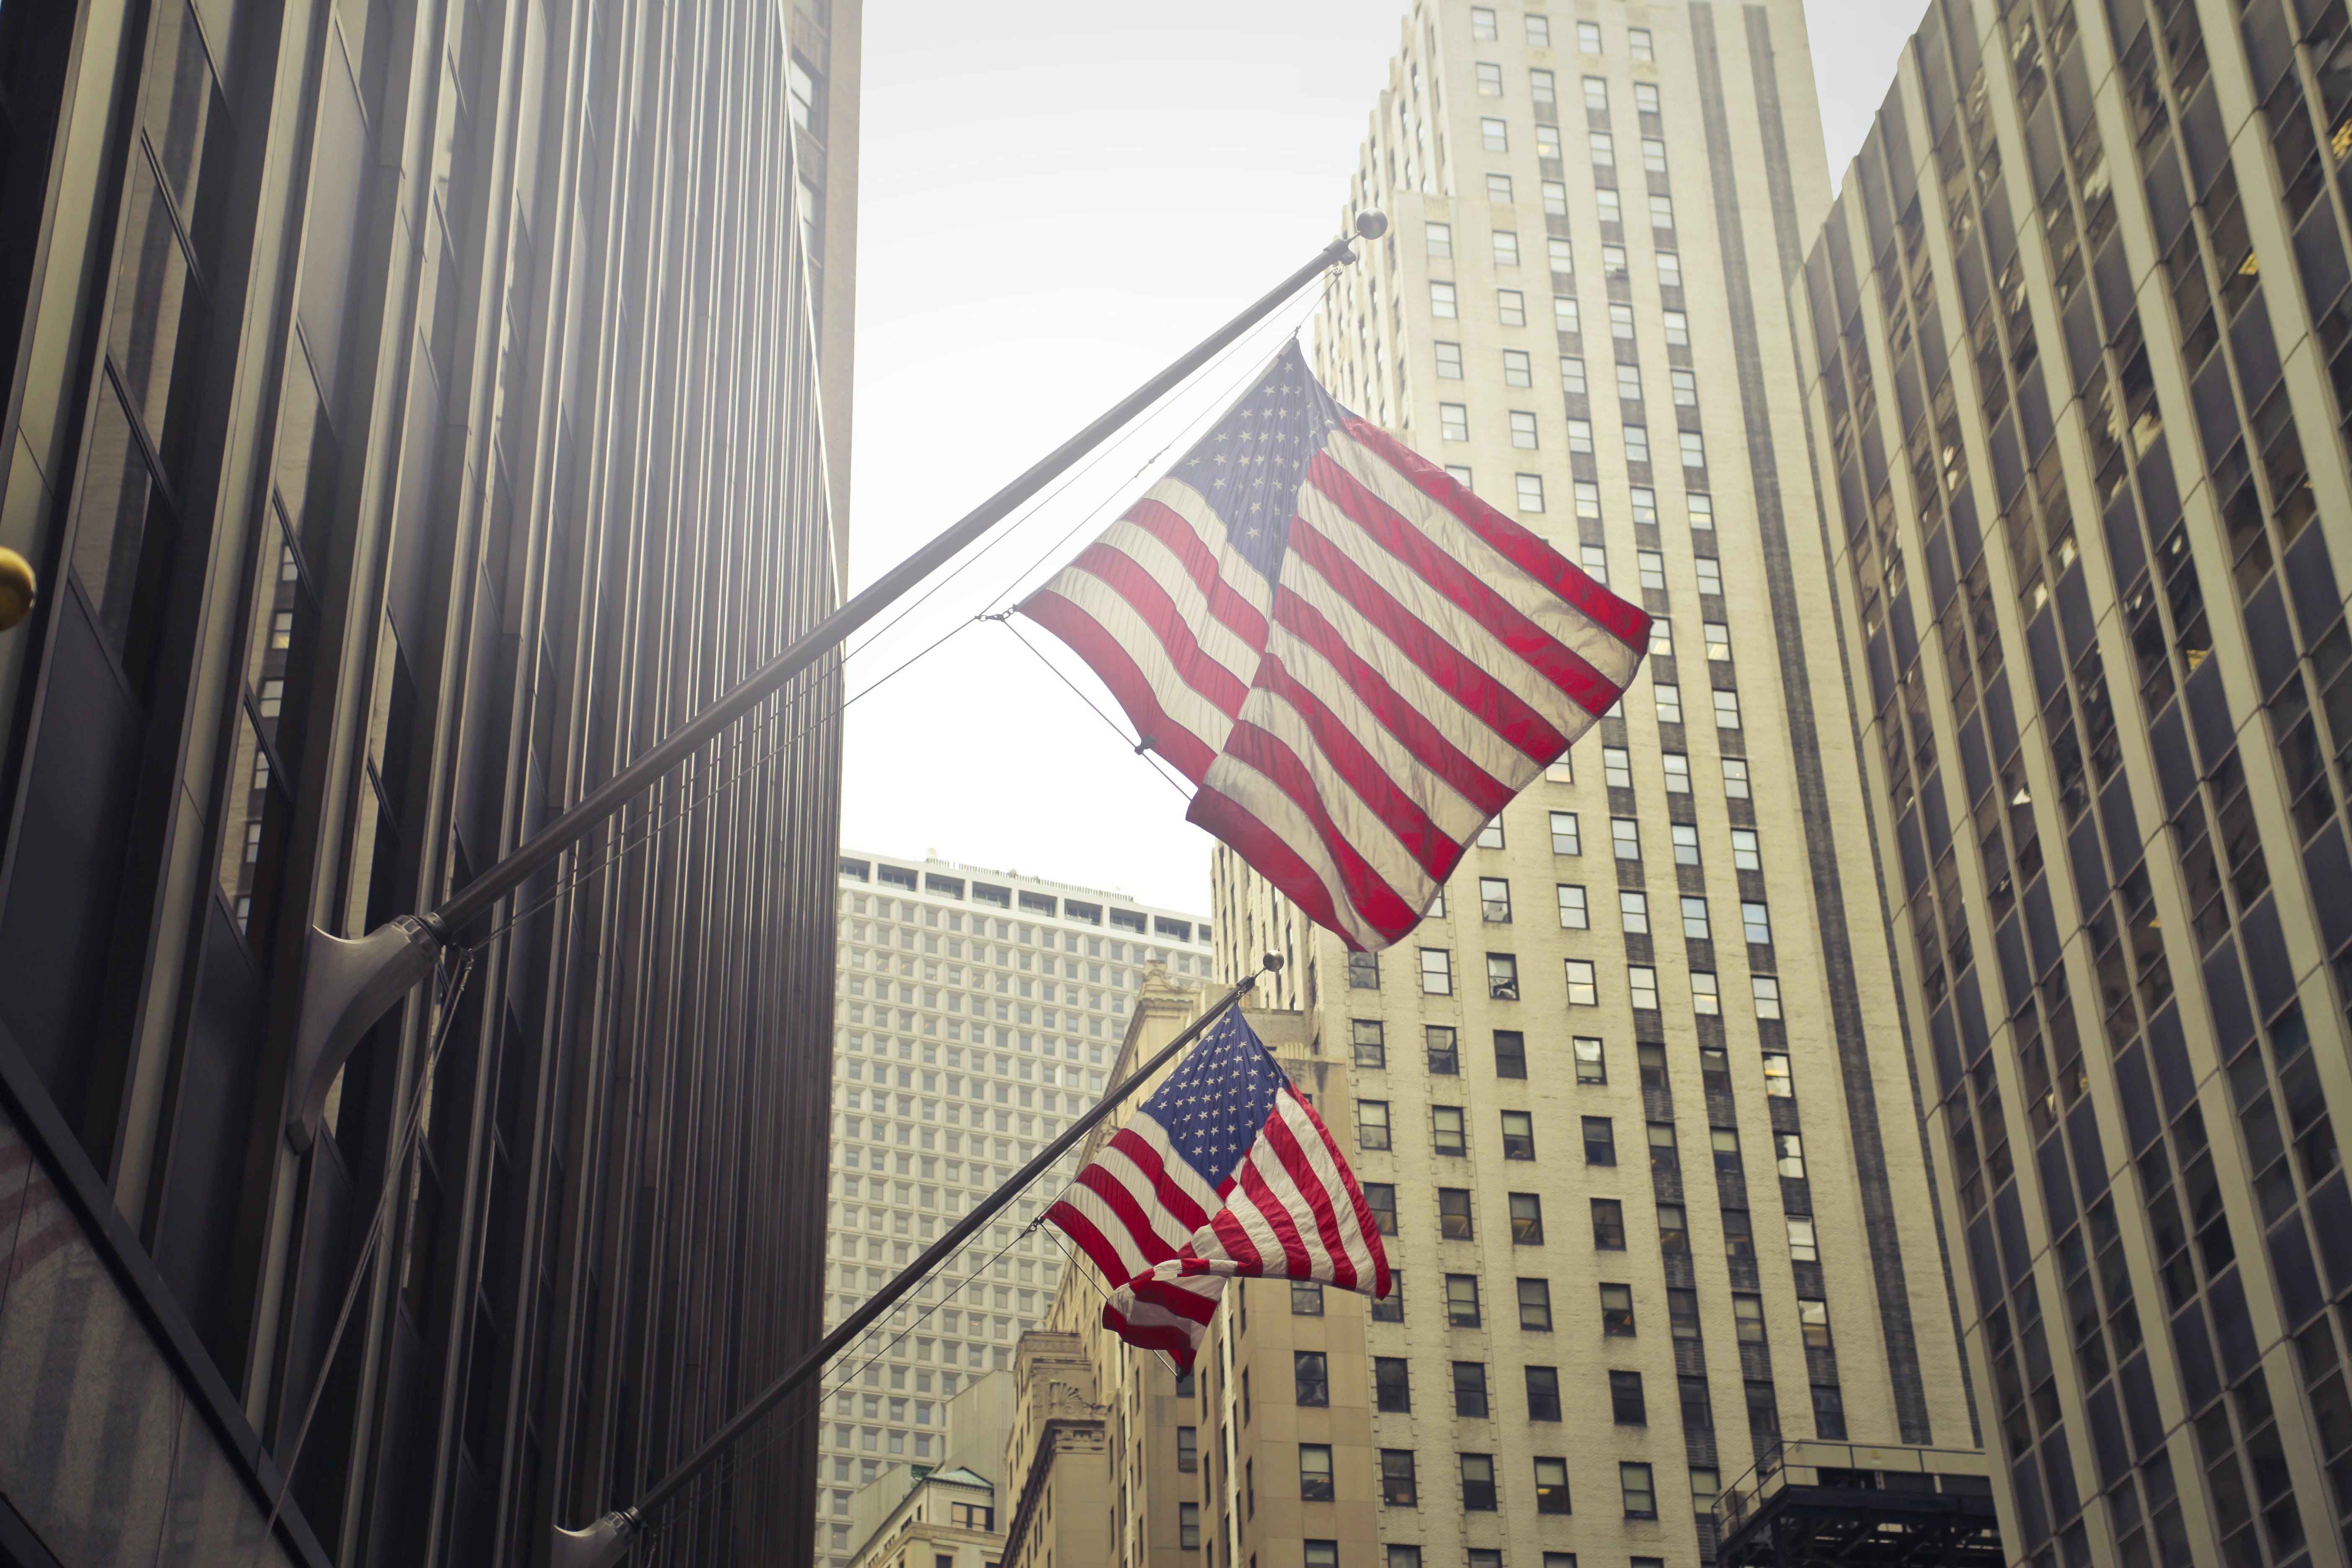 amerikanische flaggen, architektur, beleuchtung